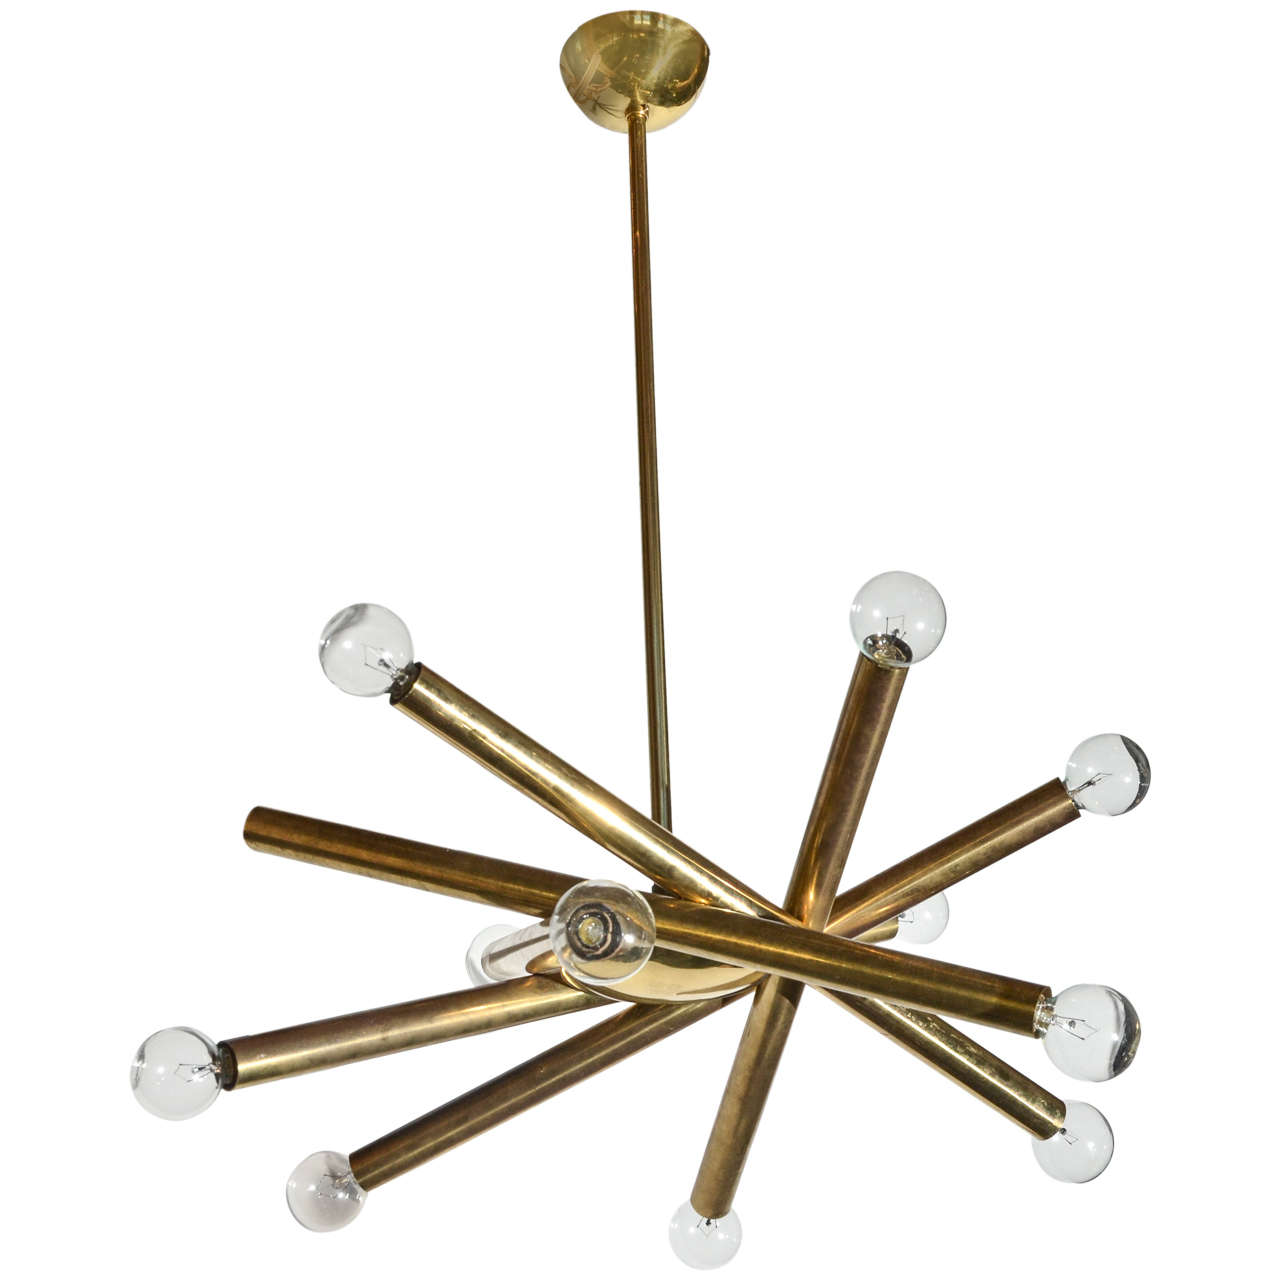 1960s Stilnovo Ceiling Light in Brass with Ten Bulbs